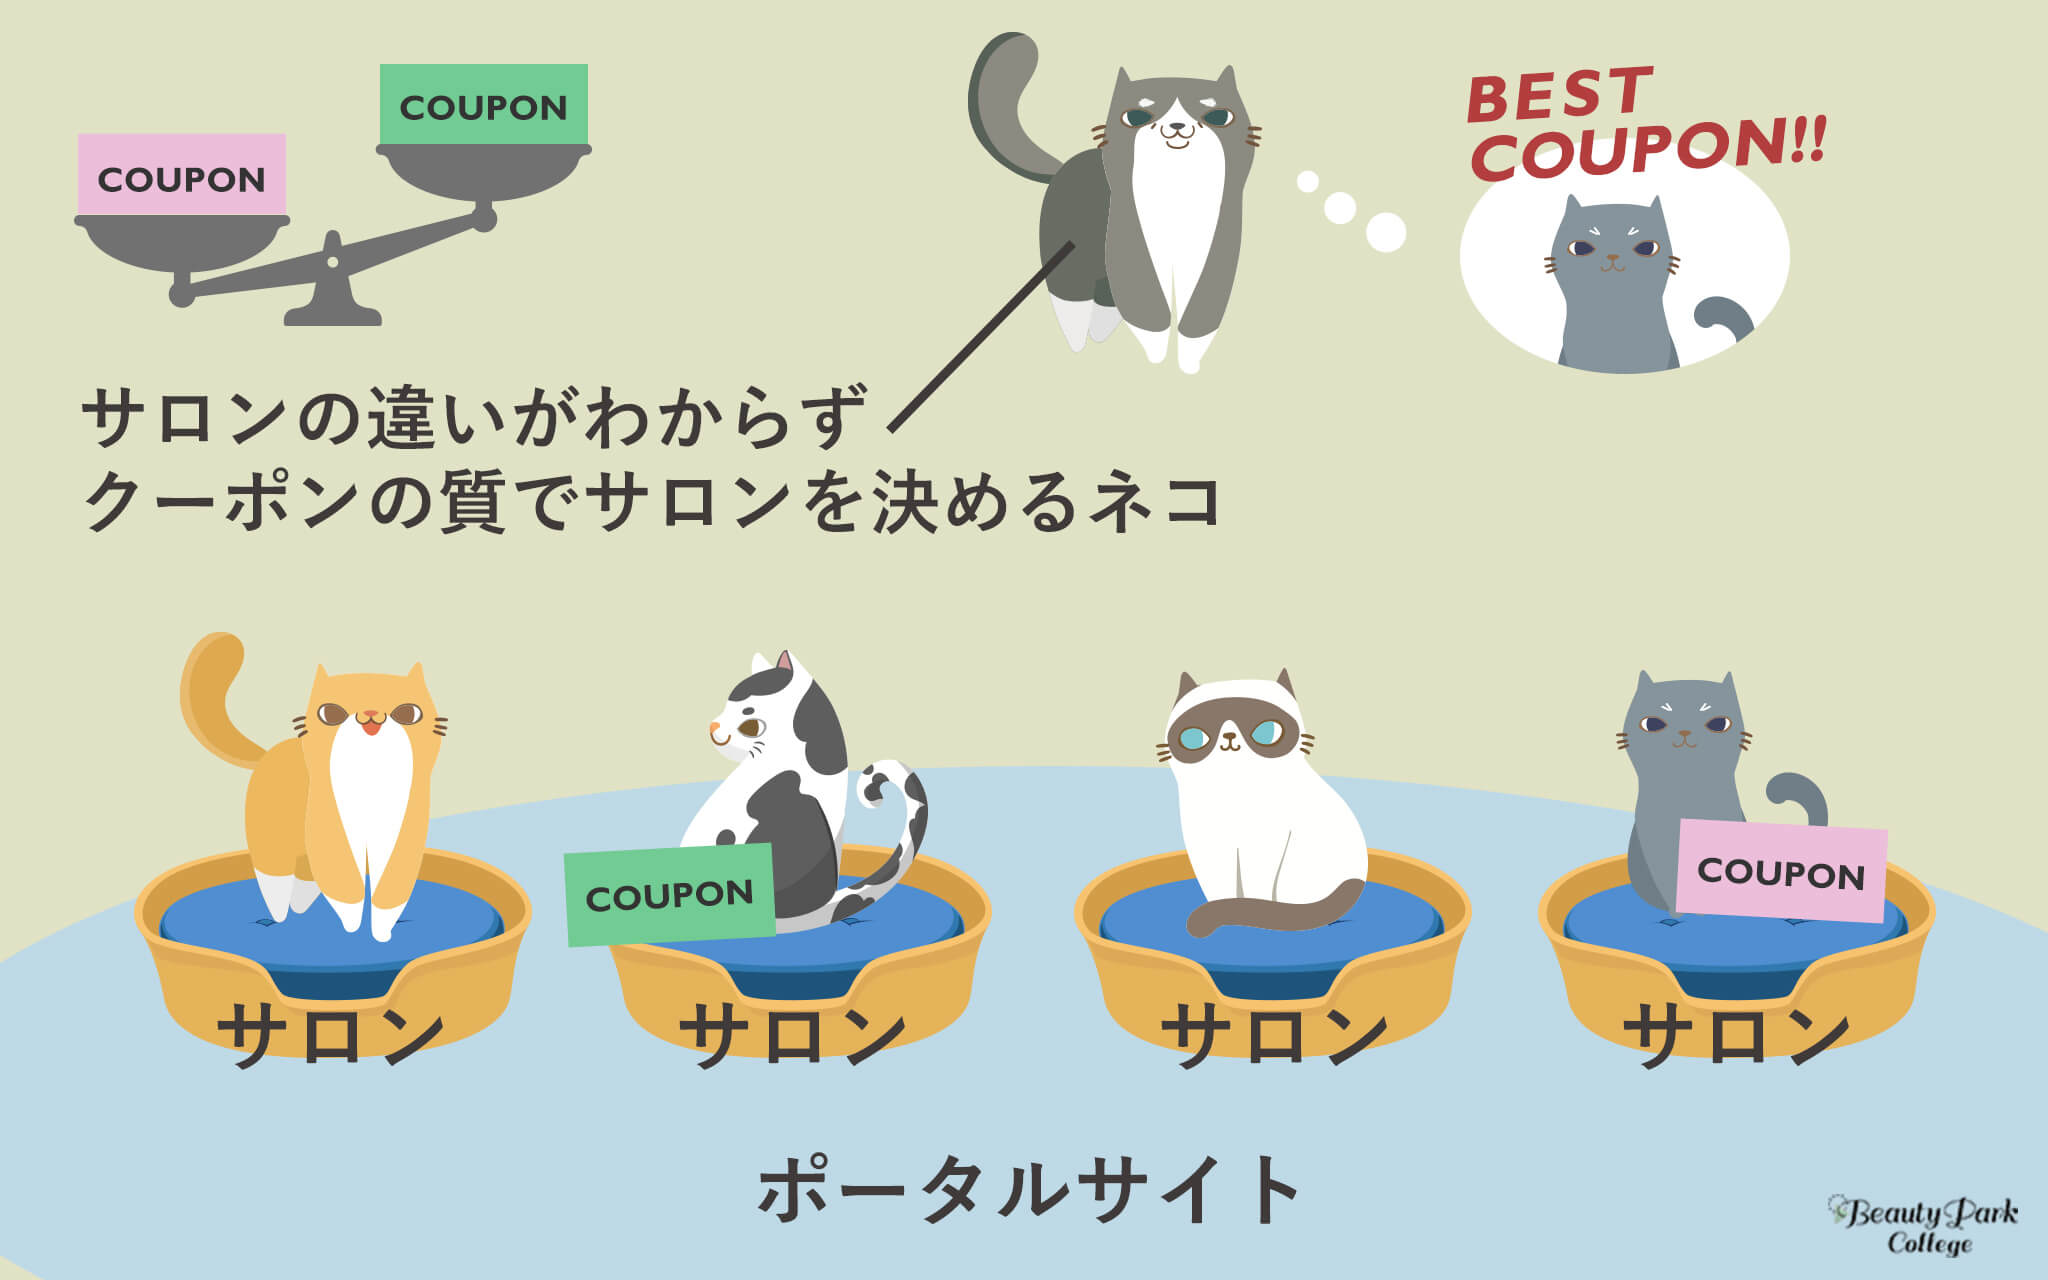 サロンの違いがわからずクーポンの質でサロンを決めるネコ